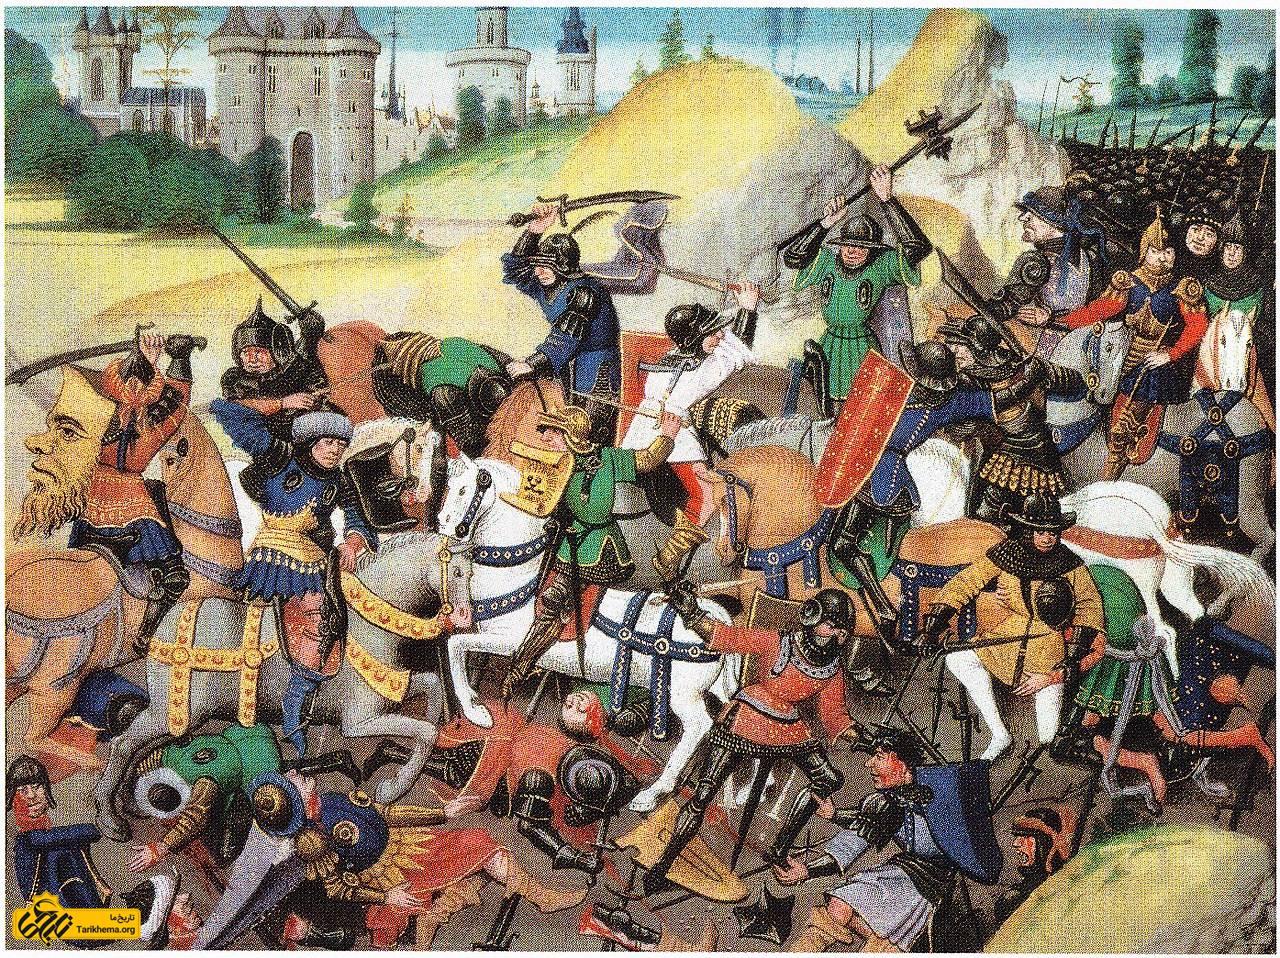 عکس نبرد صلیبیها و ترکان در اطراف شهر Tarikhema.org